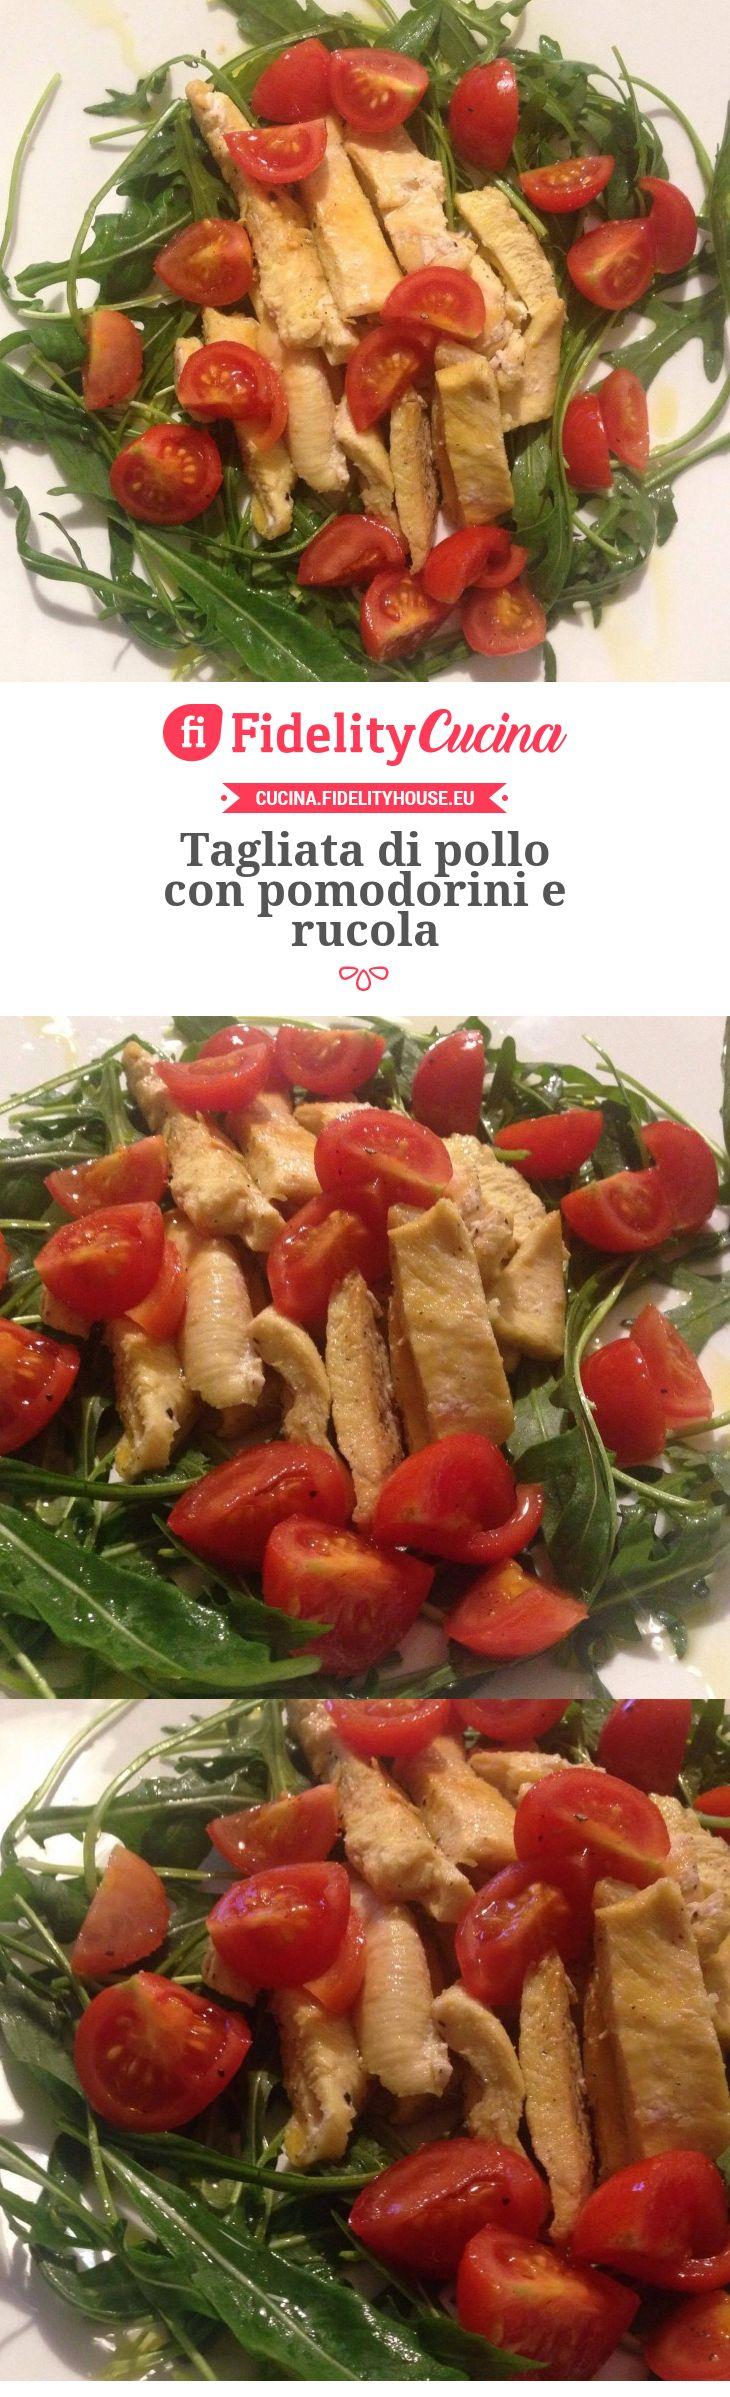 Tagliata di pollo con pomodorini e rucola